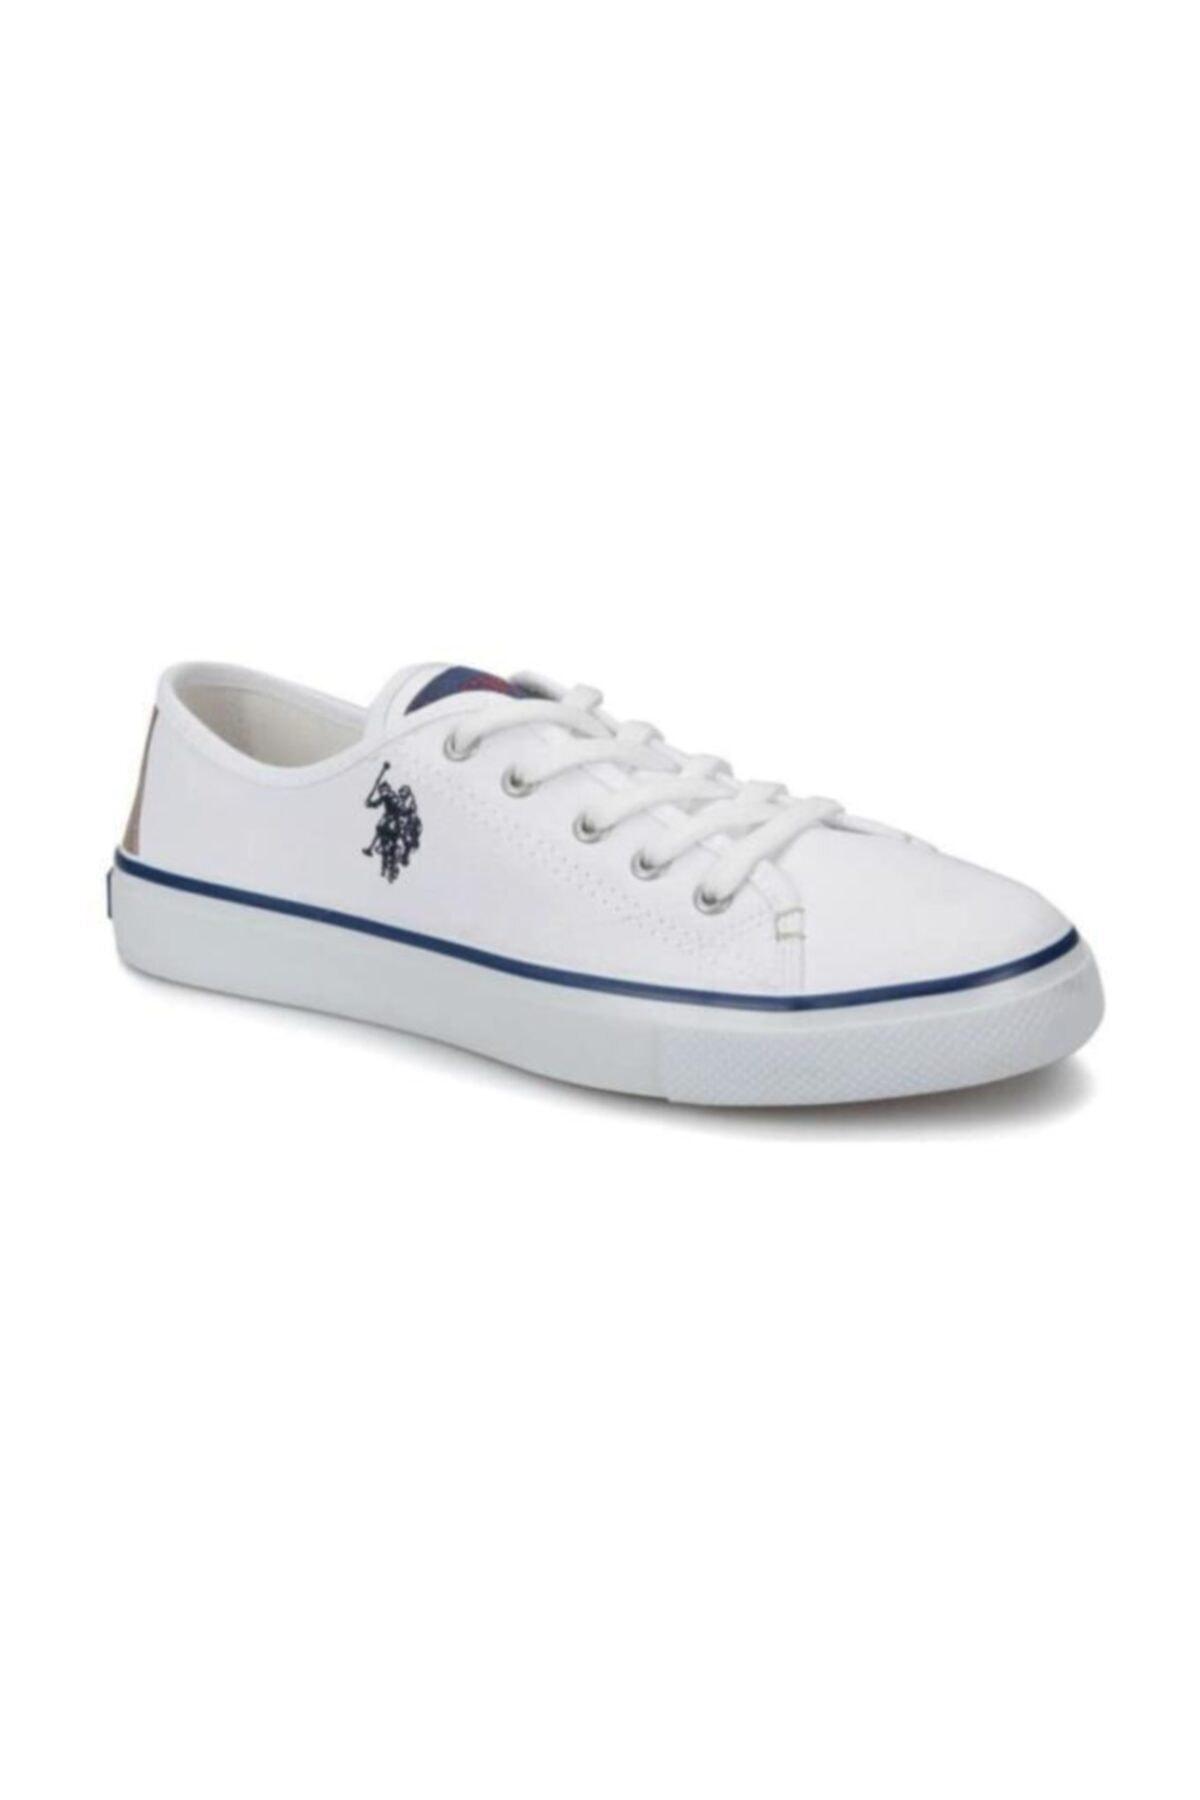 Toga 1 Fx Beyaz Bağcıklı Kadın Sneaker